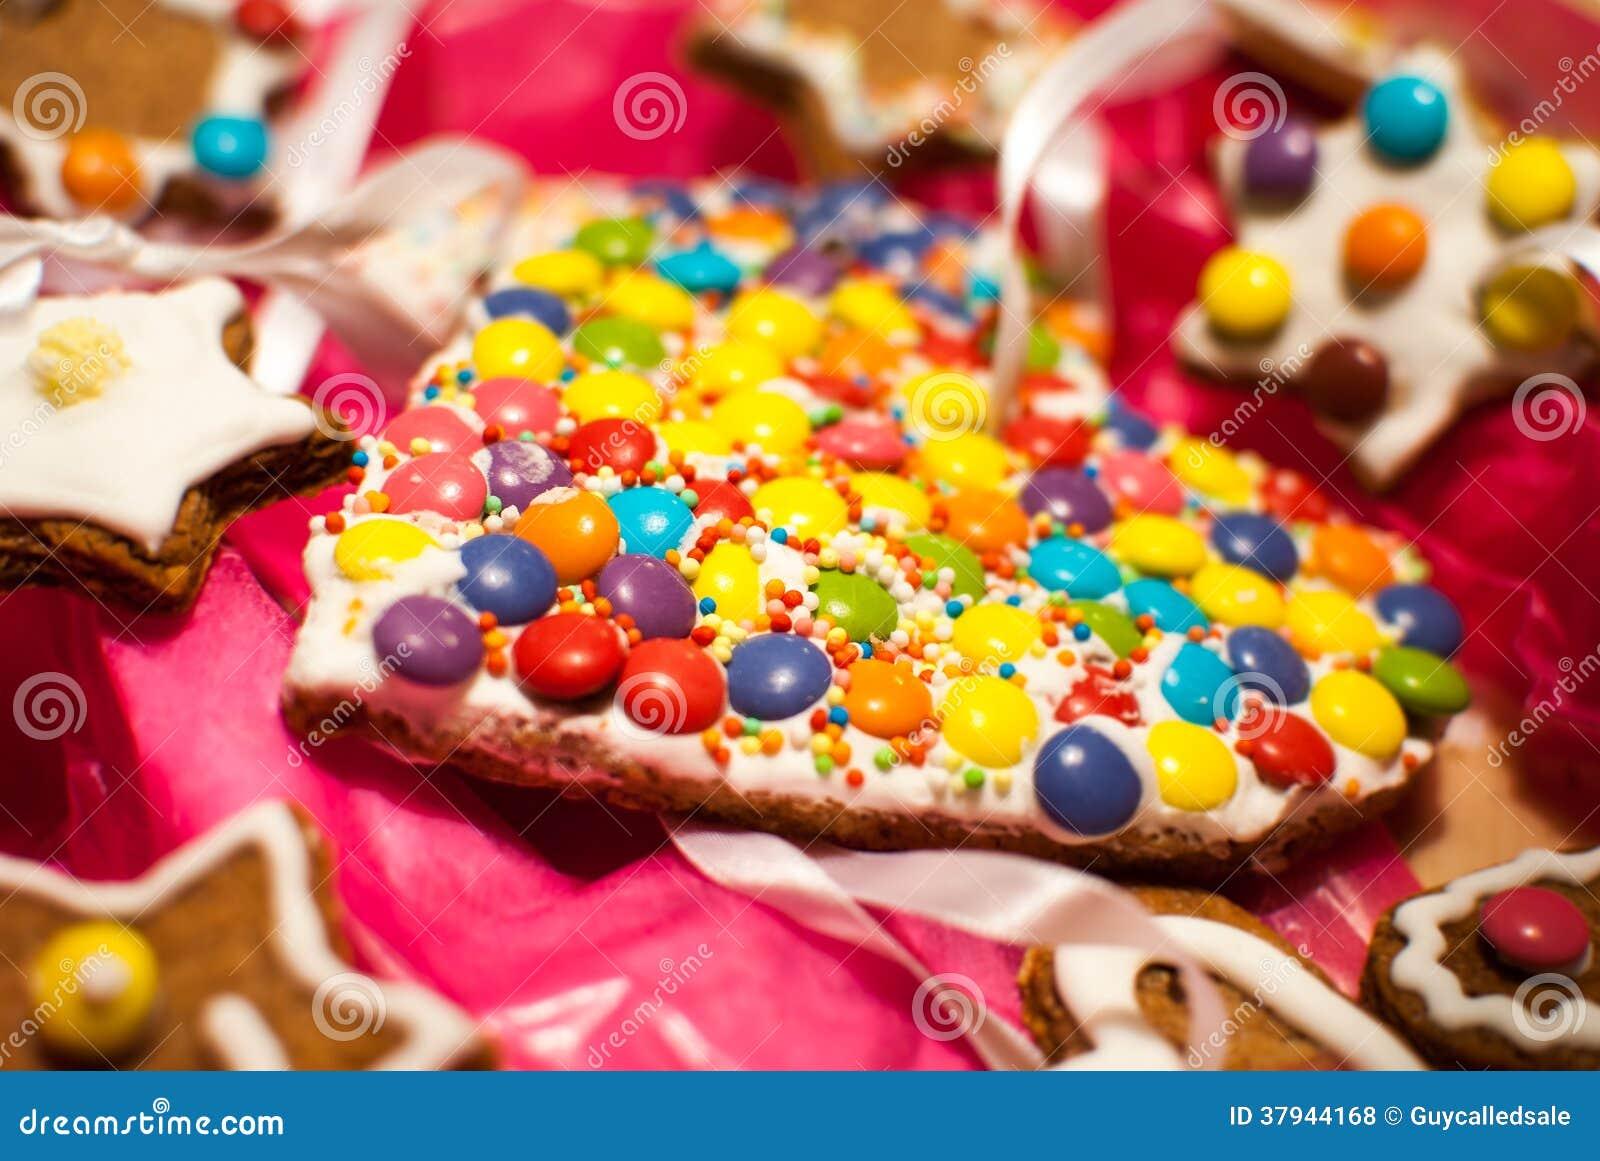 Detail van het hartvorm m m van de kerstmisvakantie zoals koekjes royalty vrije stock foto 39 s - Het upgraden van m ...